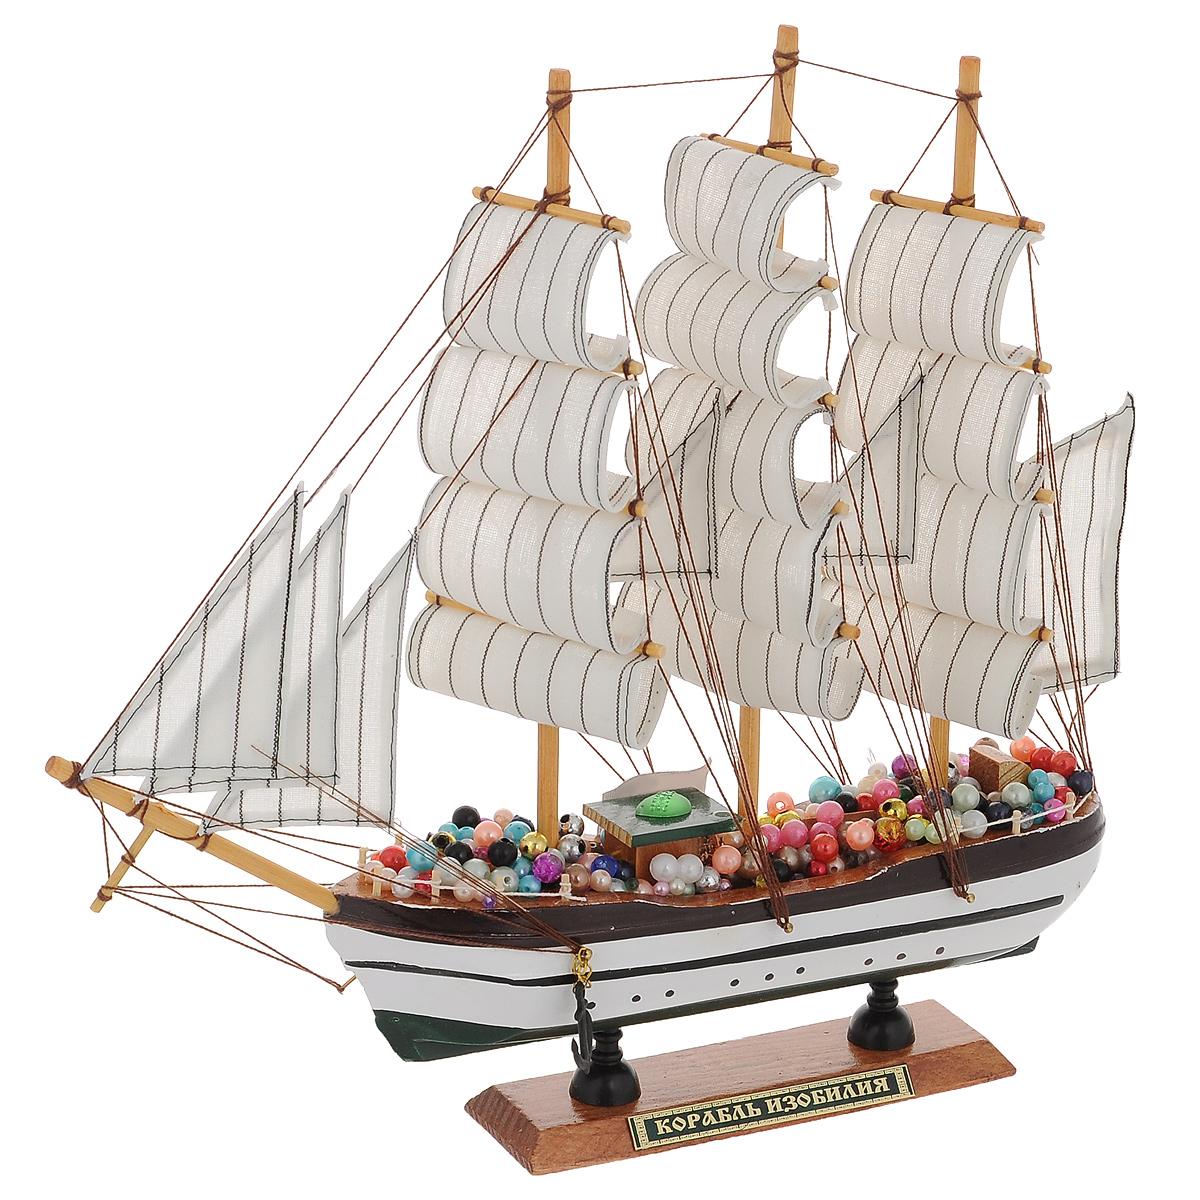 Корабль сувенирный Корабль изобилия, длина 33 см74-0120Сувенирный корабль Корабль изобилия, изготовленный из дерева, металла и текстиля, это великолепный элемент декора рабочей зоны в офисе или кабинете. Корабль с парусами и якорями помещен на деревянную подставку. Палуба изделия украшена разноцветными бусинами. Время идет, и мы становимся свидетелями развития технического прогресса, новых учений и практик. Но одно не подвластно времени - это любовь человека к морю и кораблям. Сувенирный корабль наполнен историей и силой океанских вод. Данная модель корабля станет отличным подарком для всех любителей морей, поклонников историй о покорении океанов и неизведанных земель. Модель корабля - подарок со смыслом. Издавна на Руси считалось, что корабли приносят удачу и везение. Поэтому их изображения, фигурки и точные копии всегда присутствовали в помещениях. Удивите себя и своих близких необычным презентом.